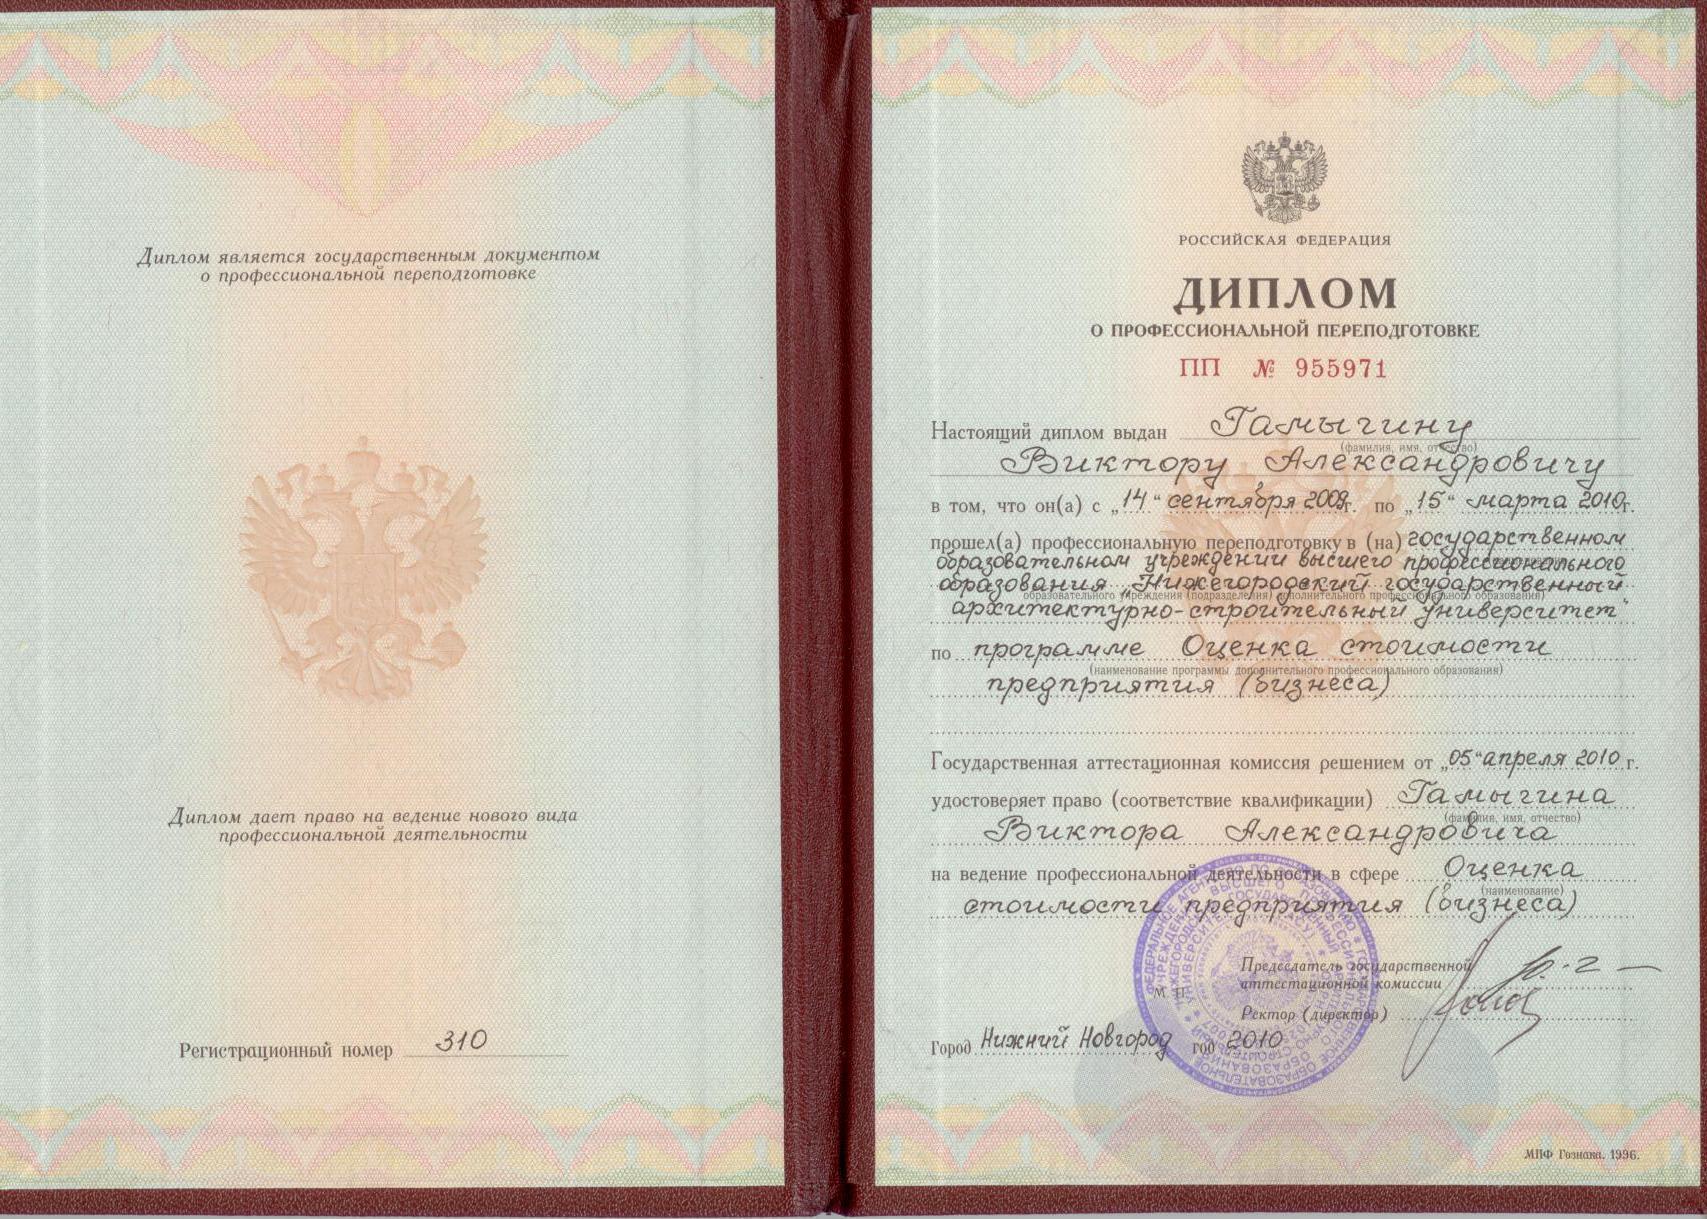 Гамыгин Виктор Александрович Диплом МИПК ННГАСУ по специальности Оценка стоимости бизнеса предприятия